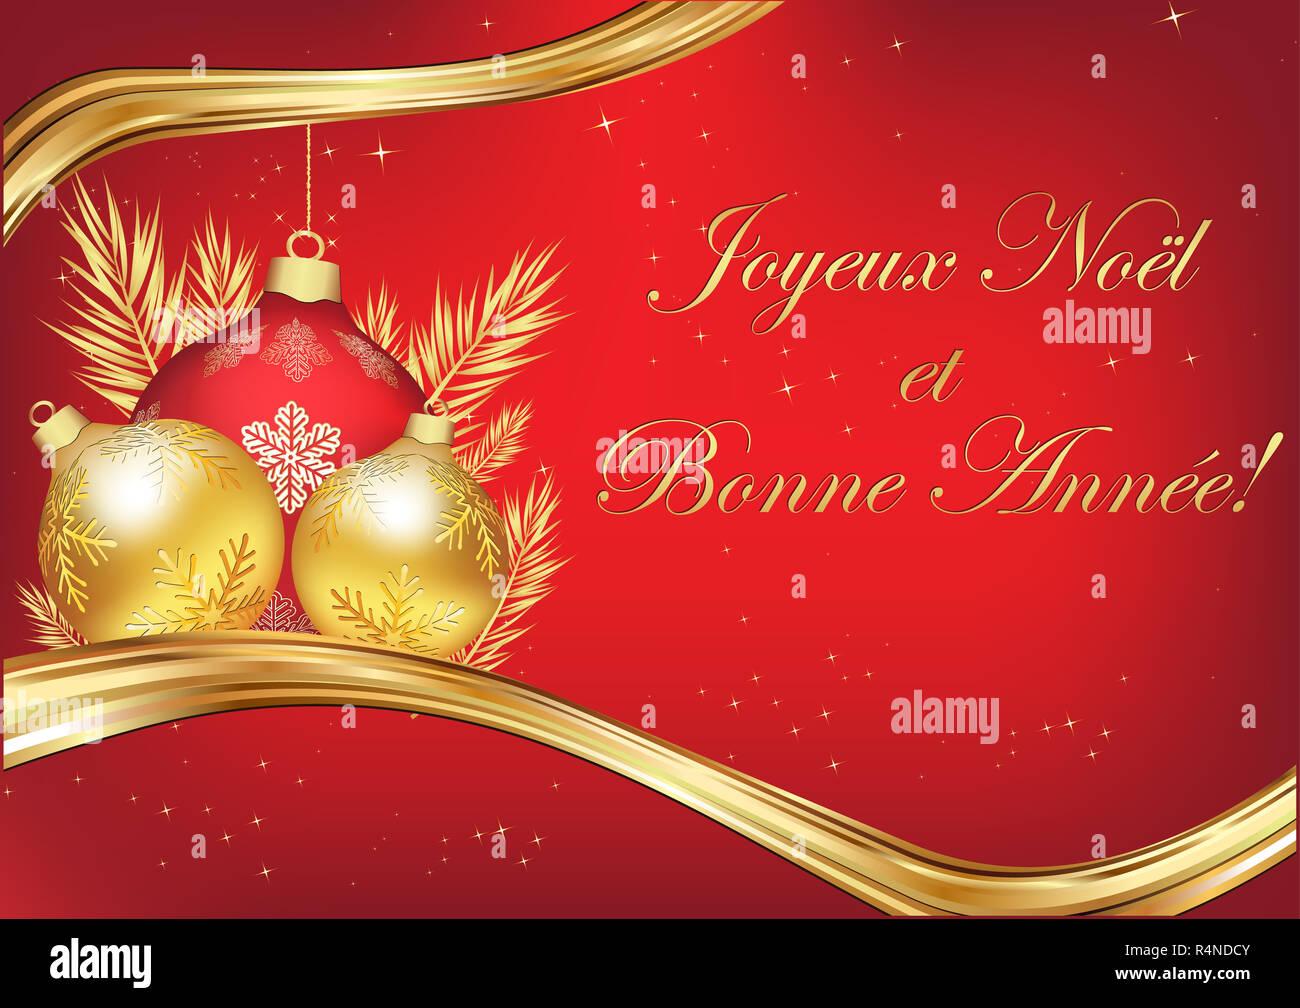 übersetzer Frohe Weihnachten.Französische Grußkarte Für Weihnachten Und Das Neue Jahr Mit